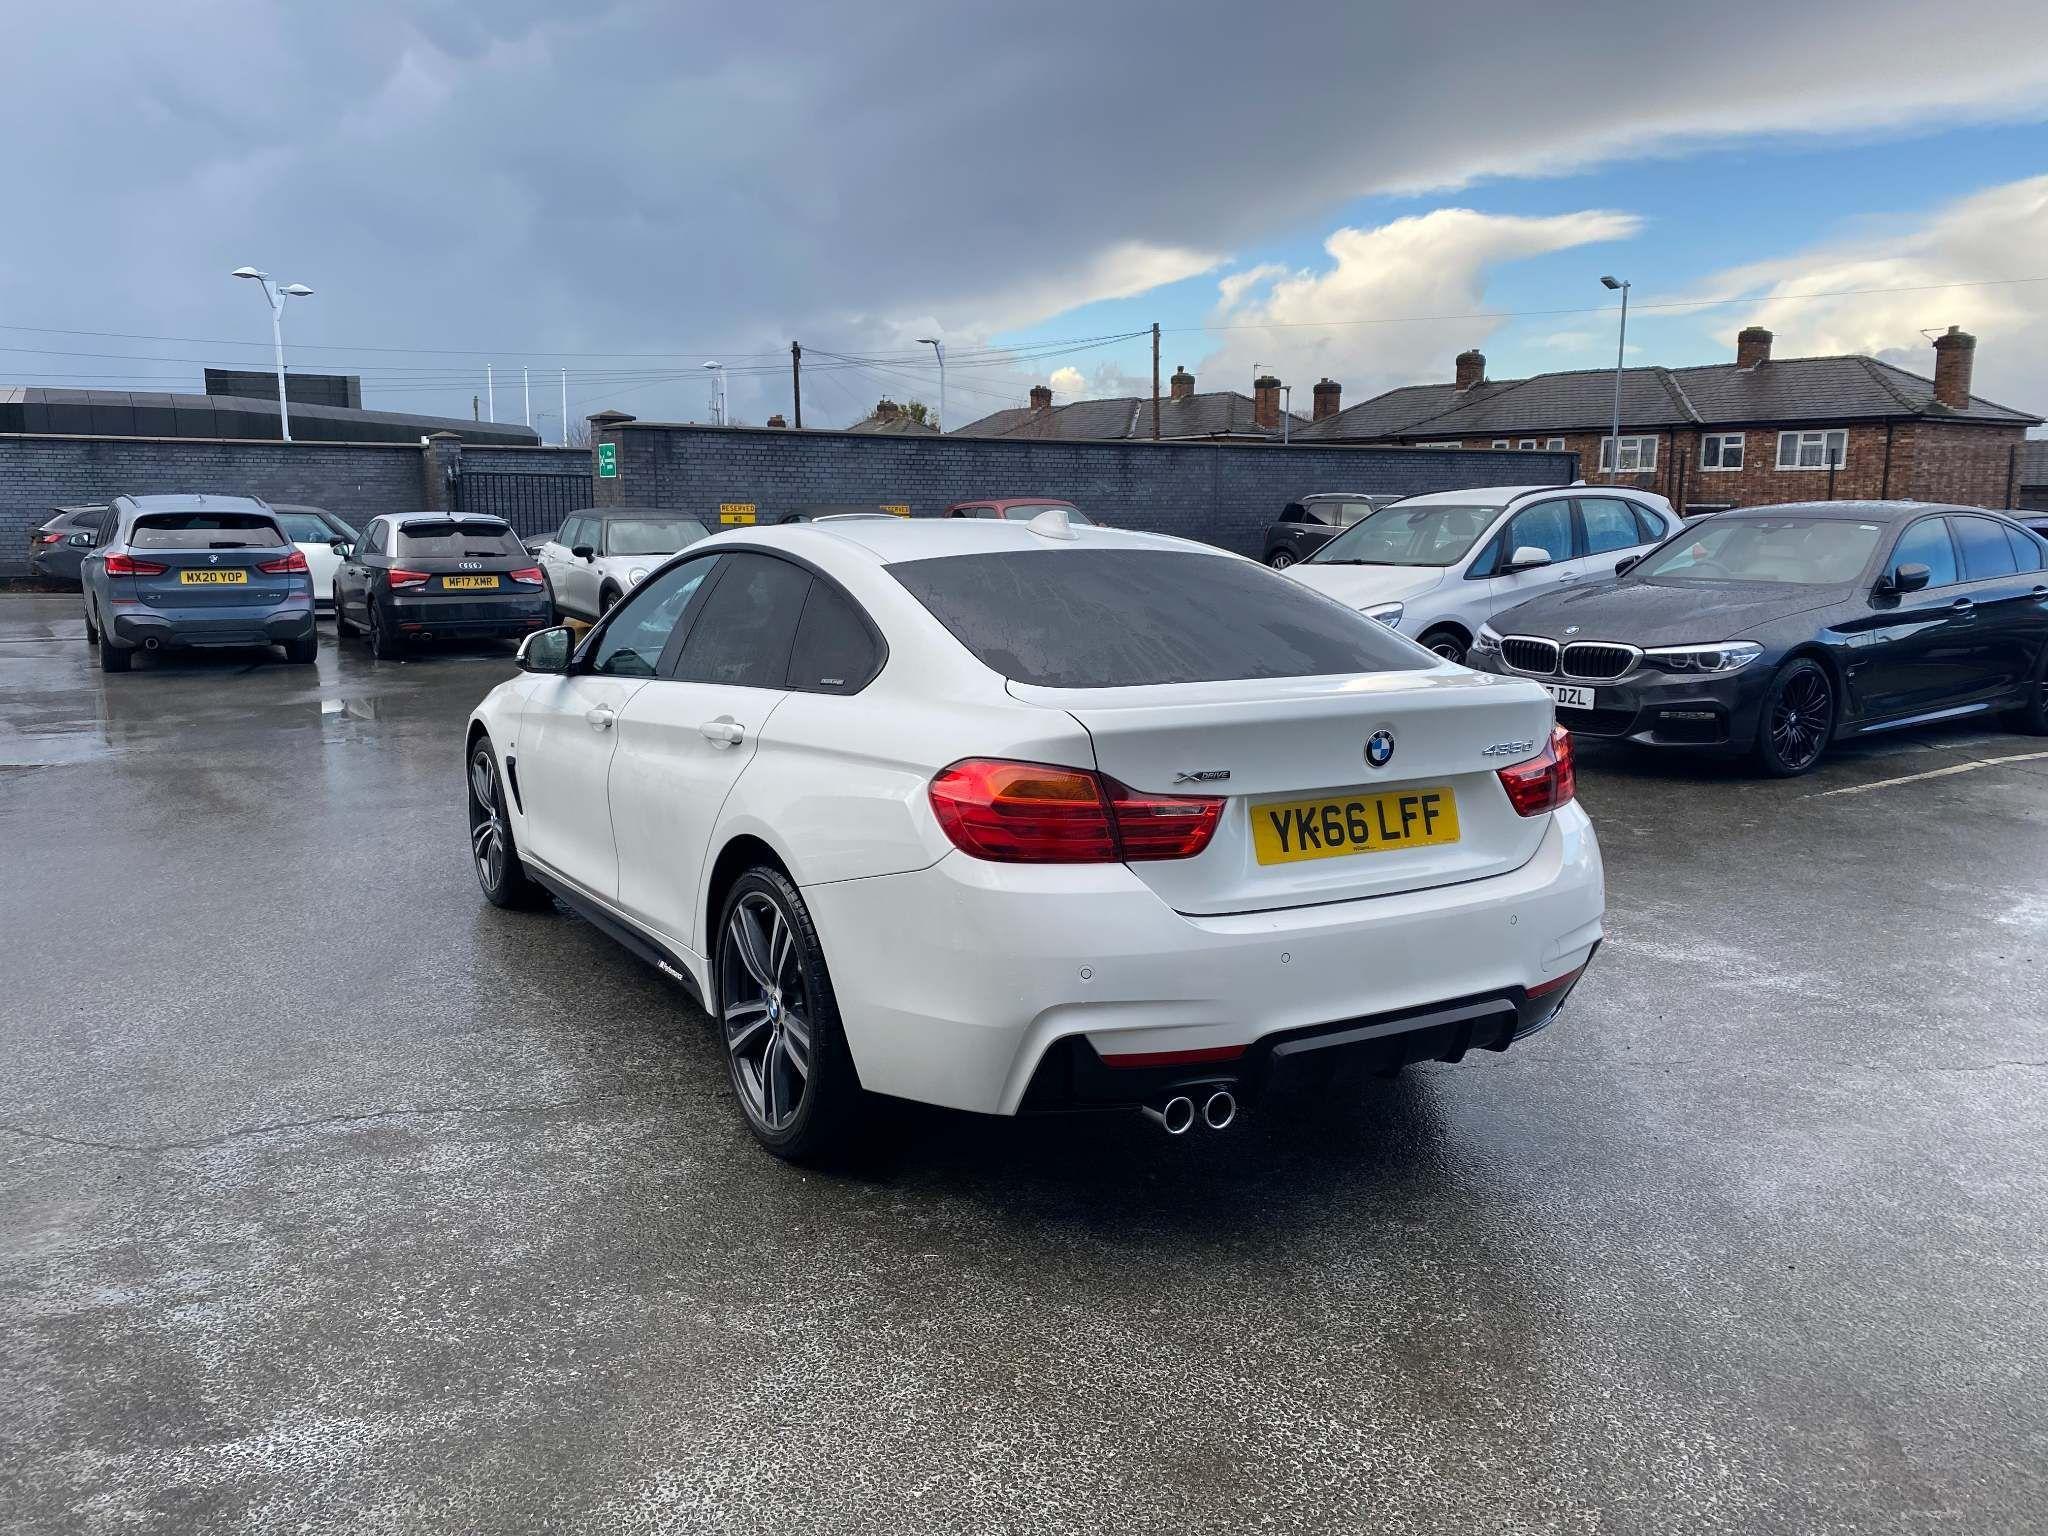 Image 2 - BMW 435d xDrive M Sport Gran Coupe (YK66LFF)